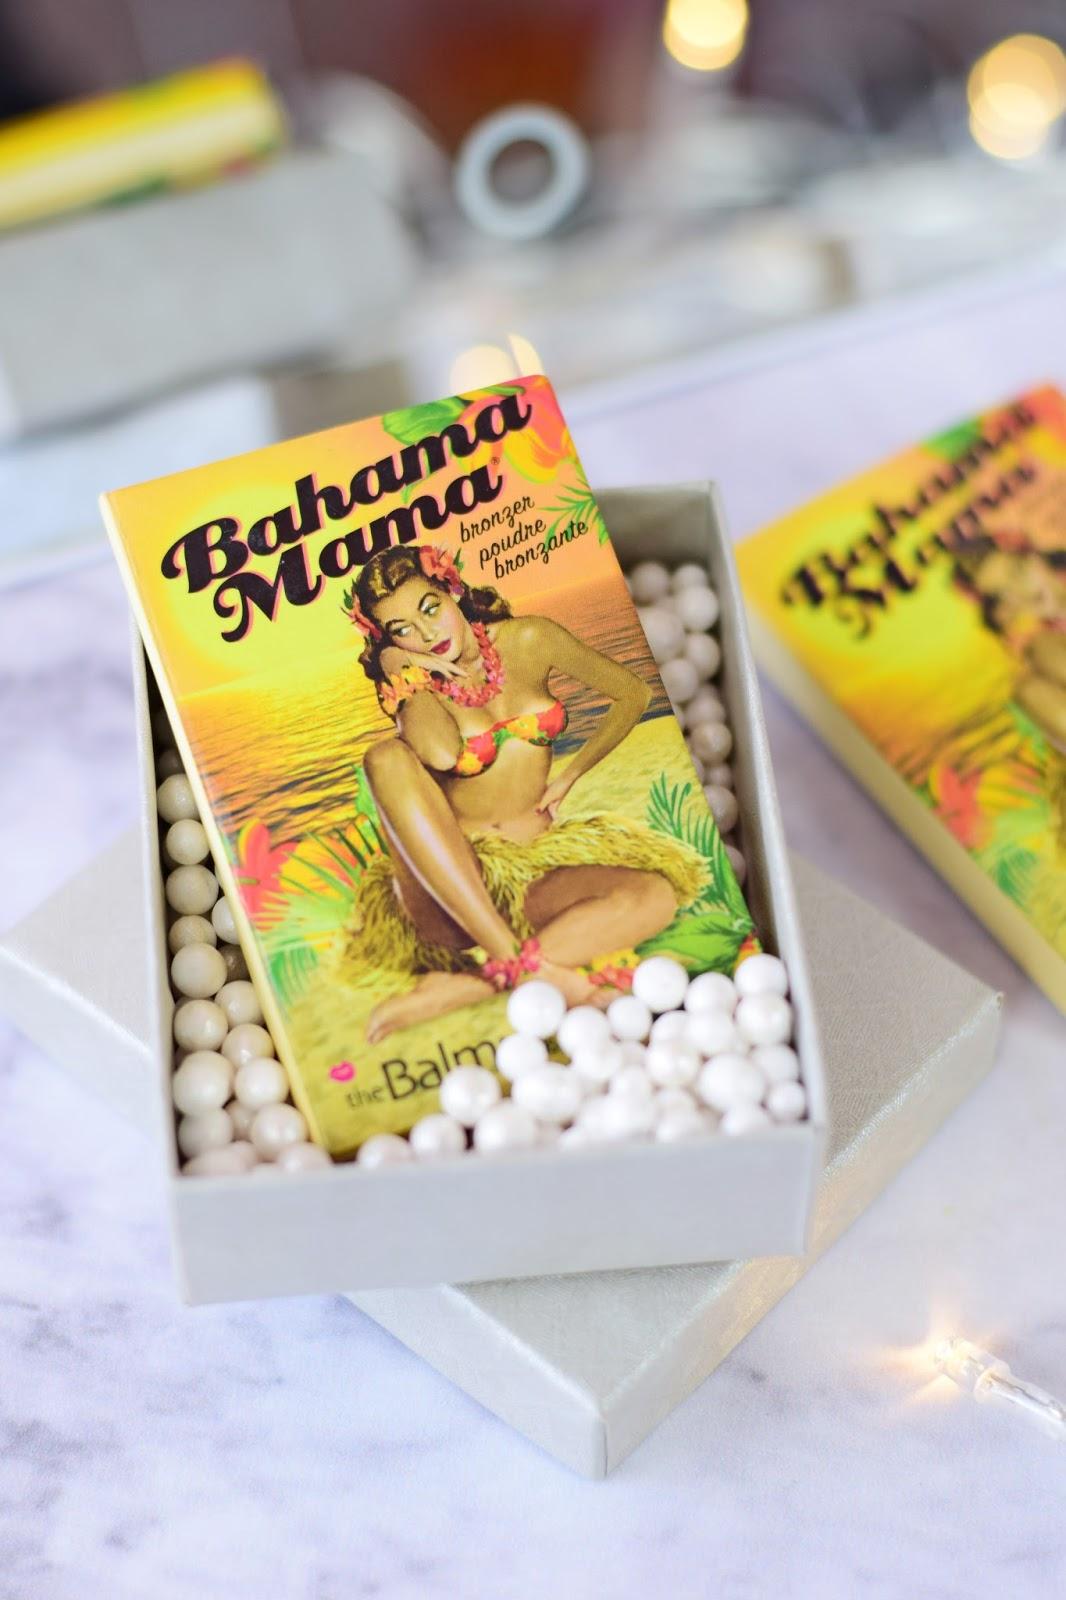 thebalm_bahama_mama_bronzer_opalanie_konturowanie_swatche_blog_opinia_recenzja